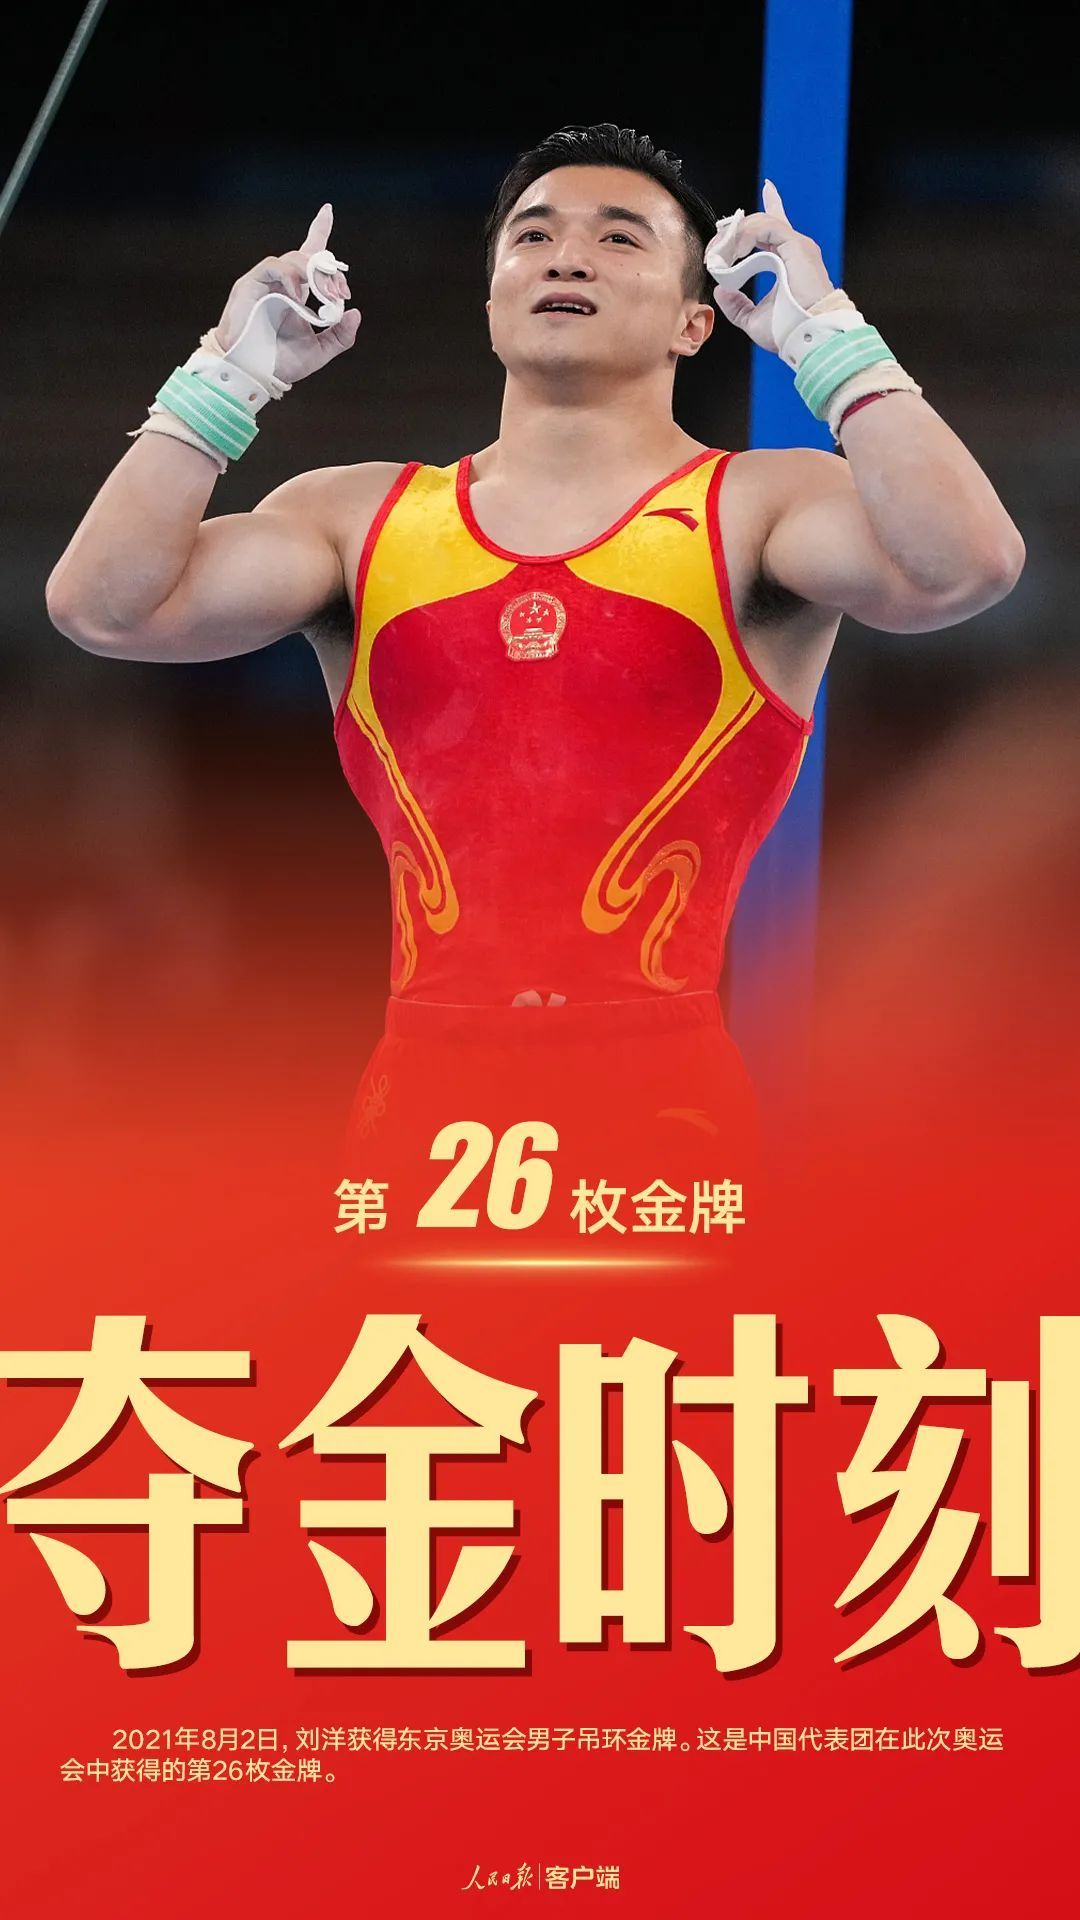 太感动,奥运会闭幕式响起红莲华!6个月后,相约北京!